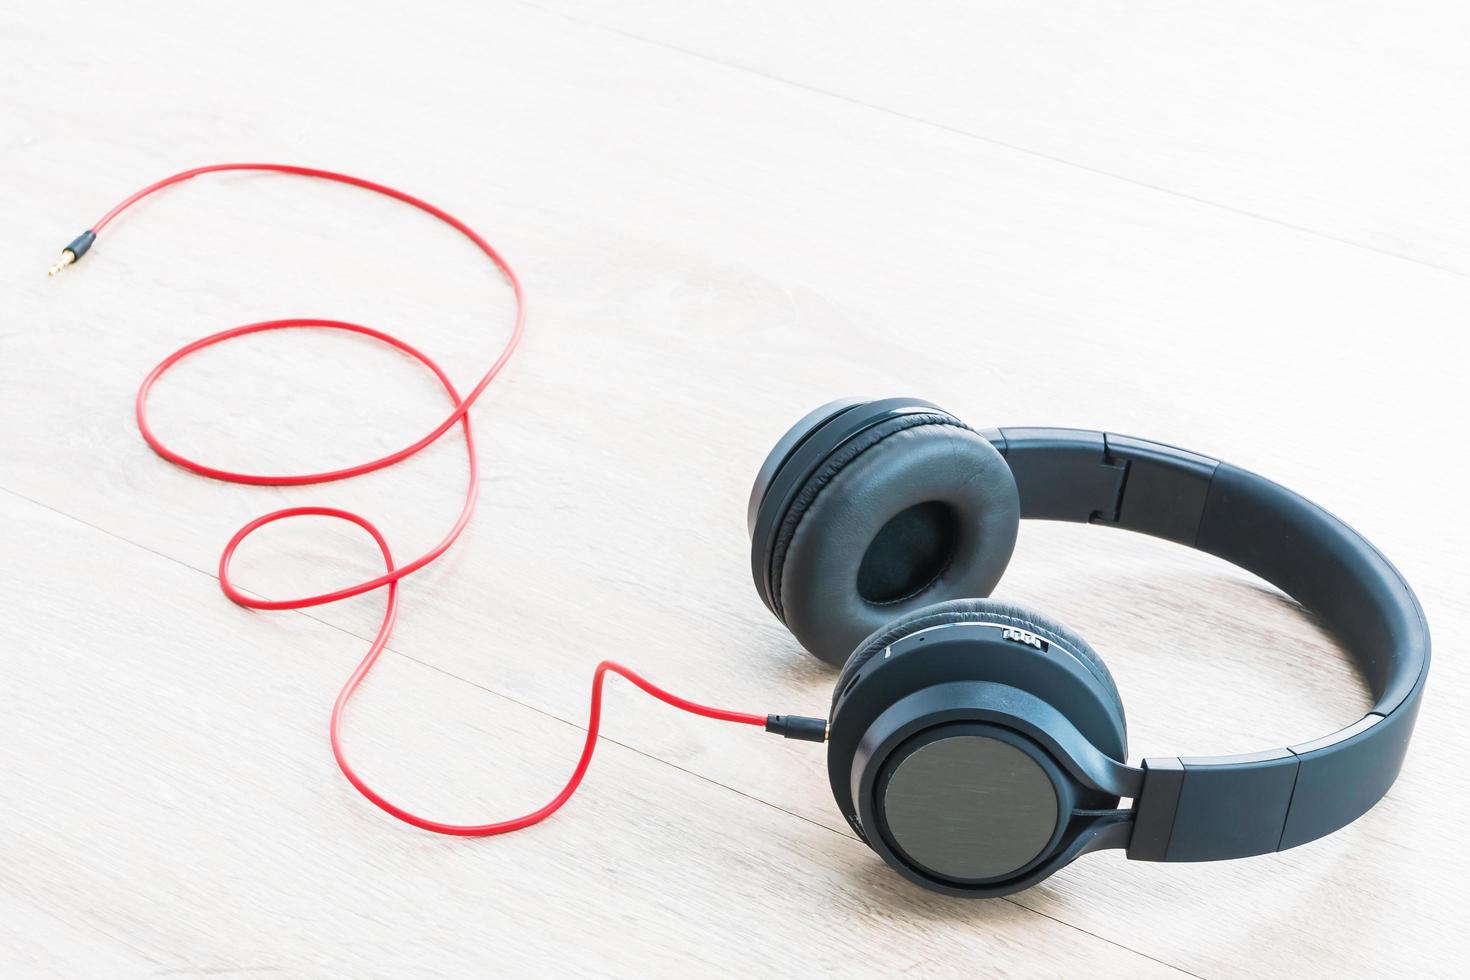 Kopfhörer Audio zum Hören foto